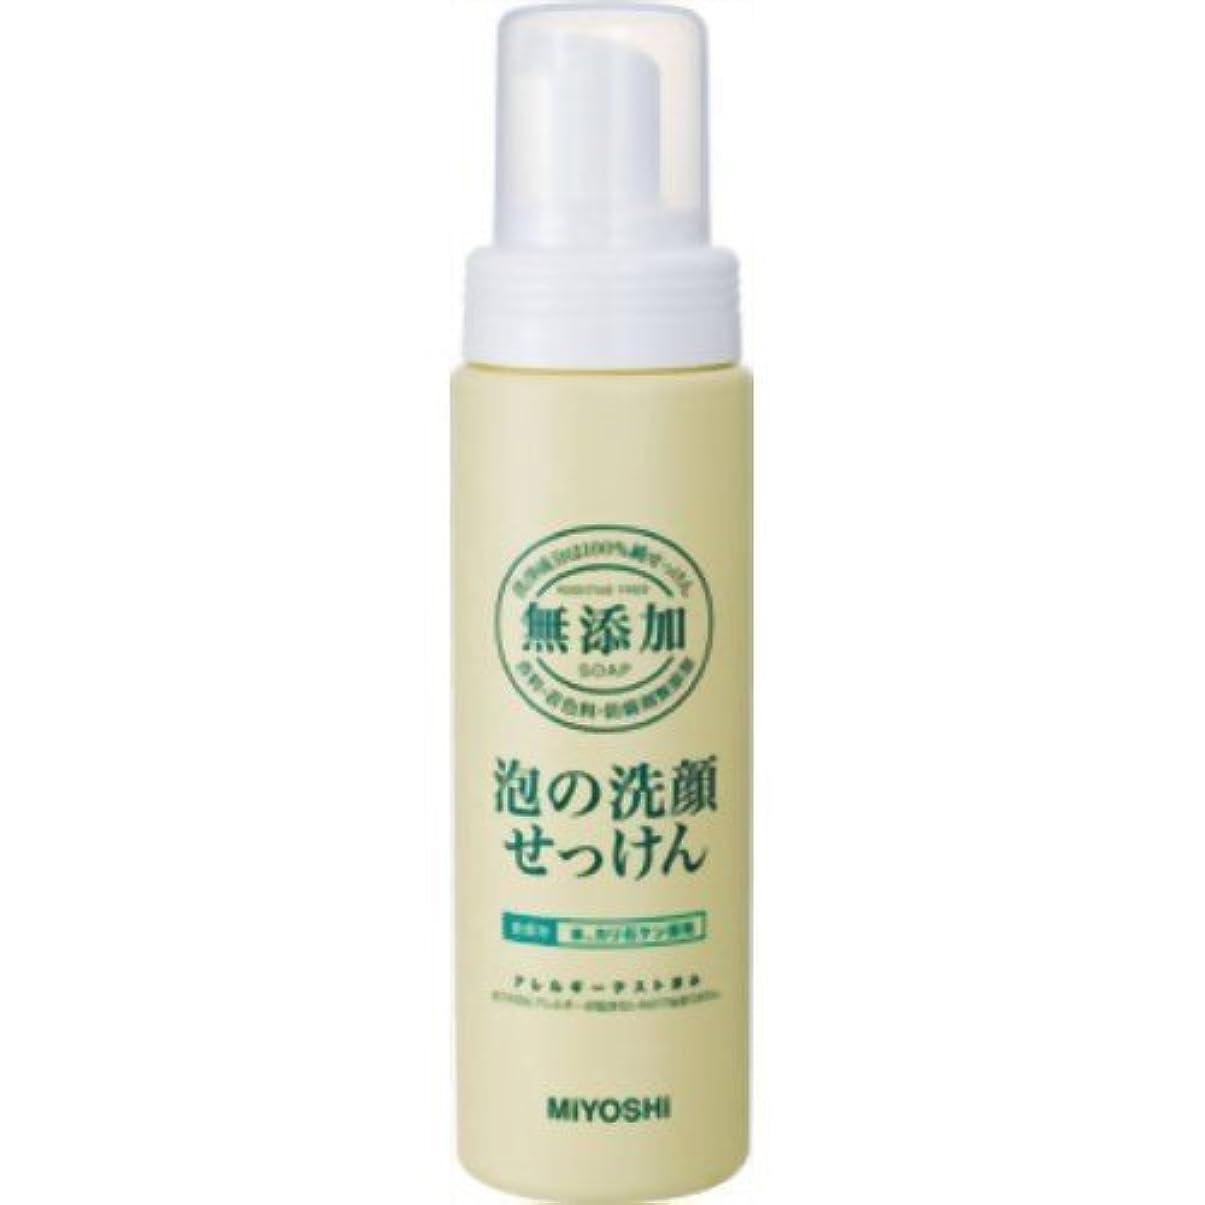 アパートアパート染料無添加泡の洗顔せっけんポンプボトル × 3個セット